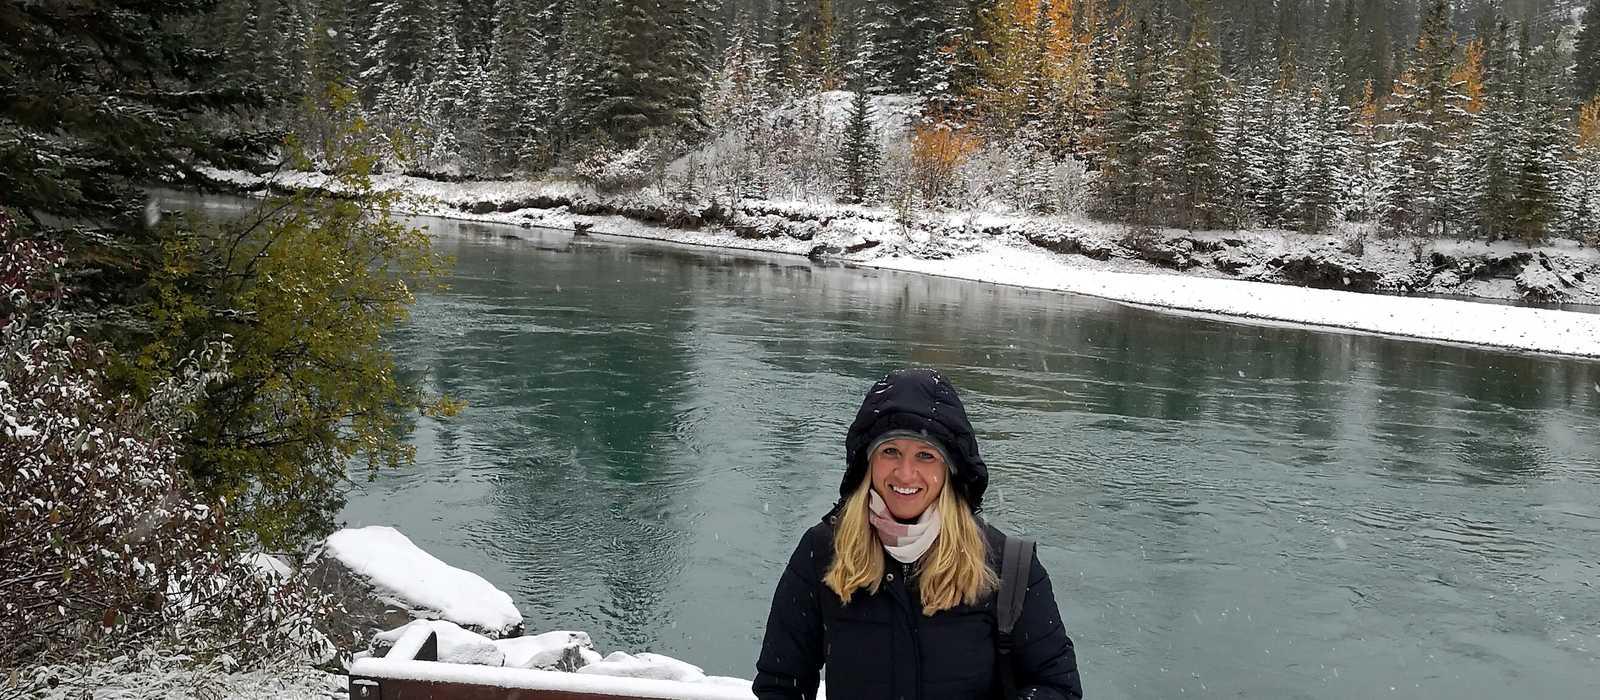 CANUSA-Mitarbeiterin Friedericke Oelzen im Banff National Park